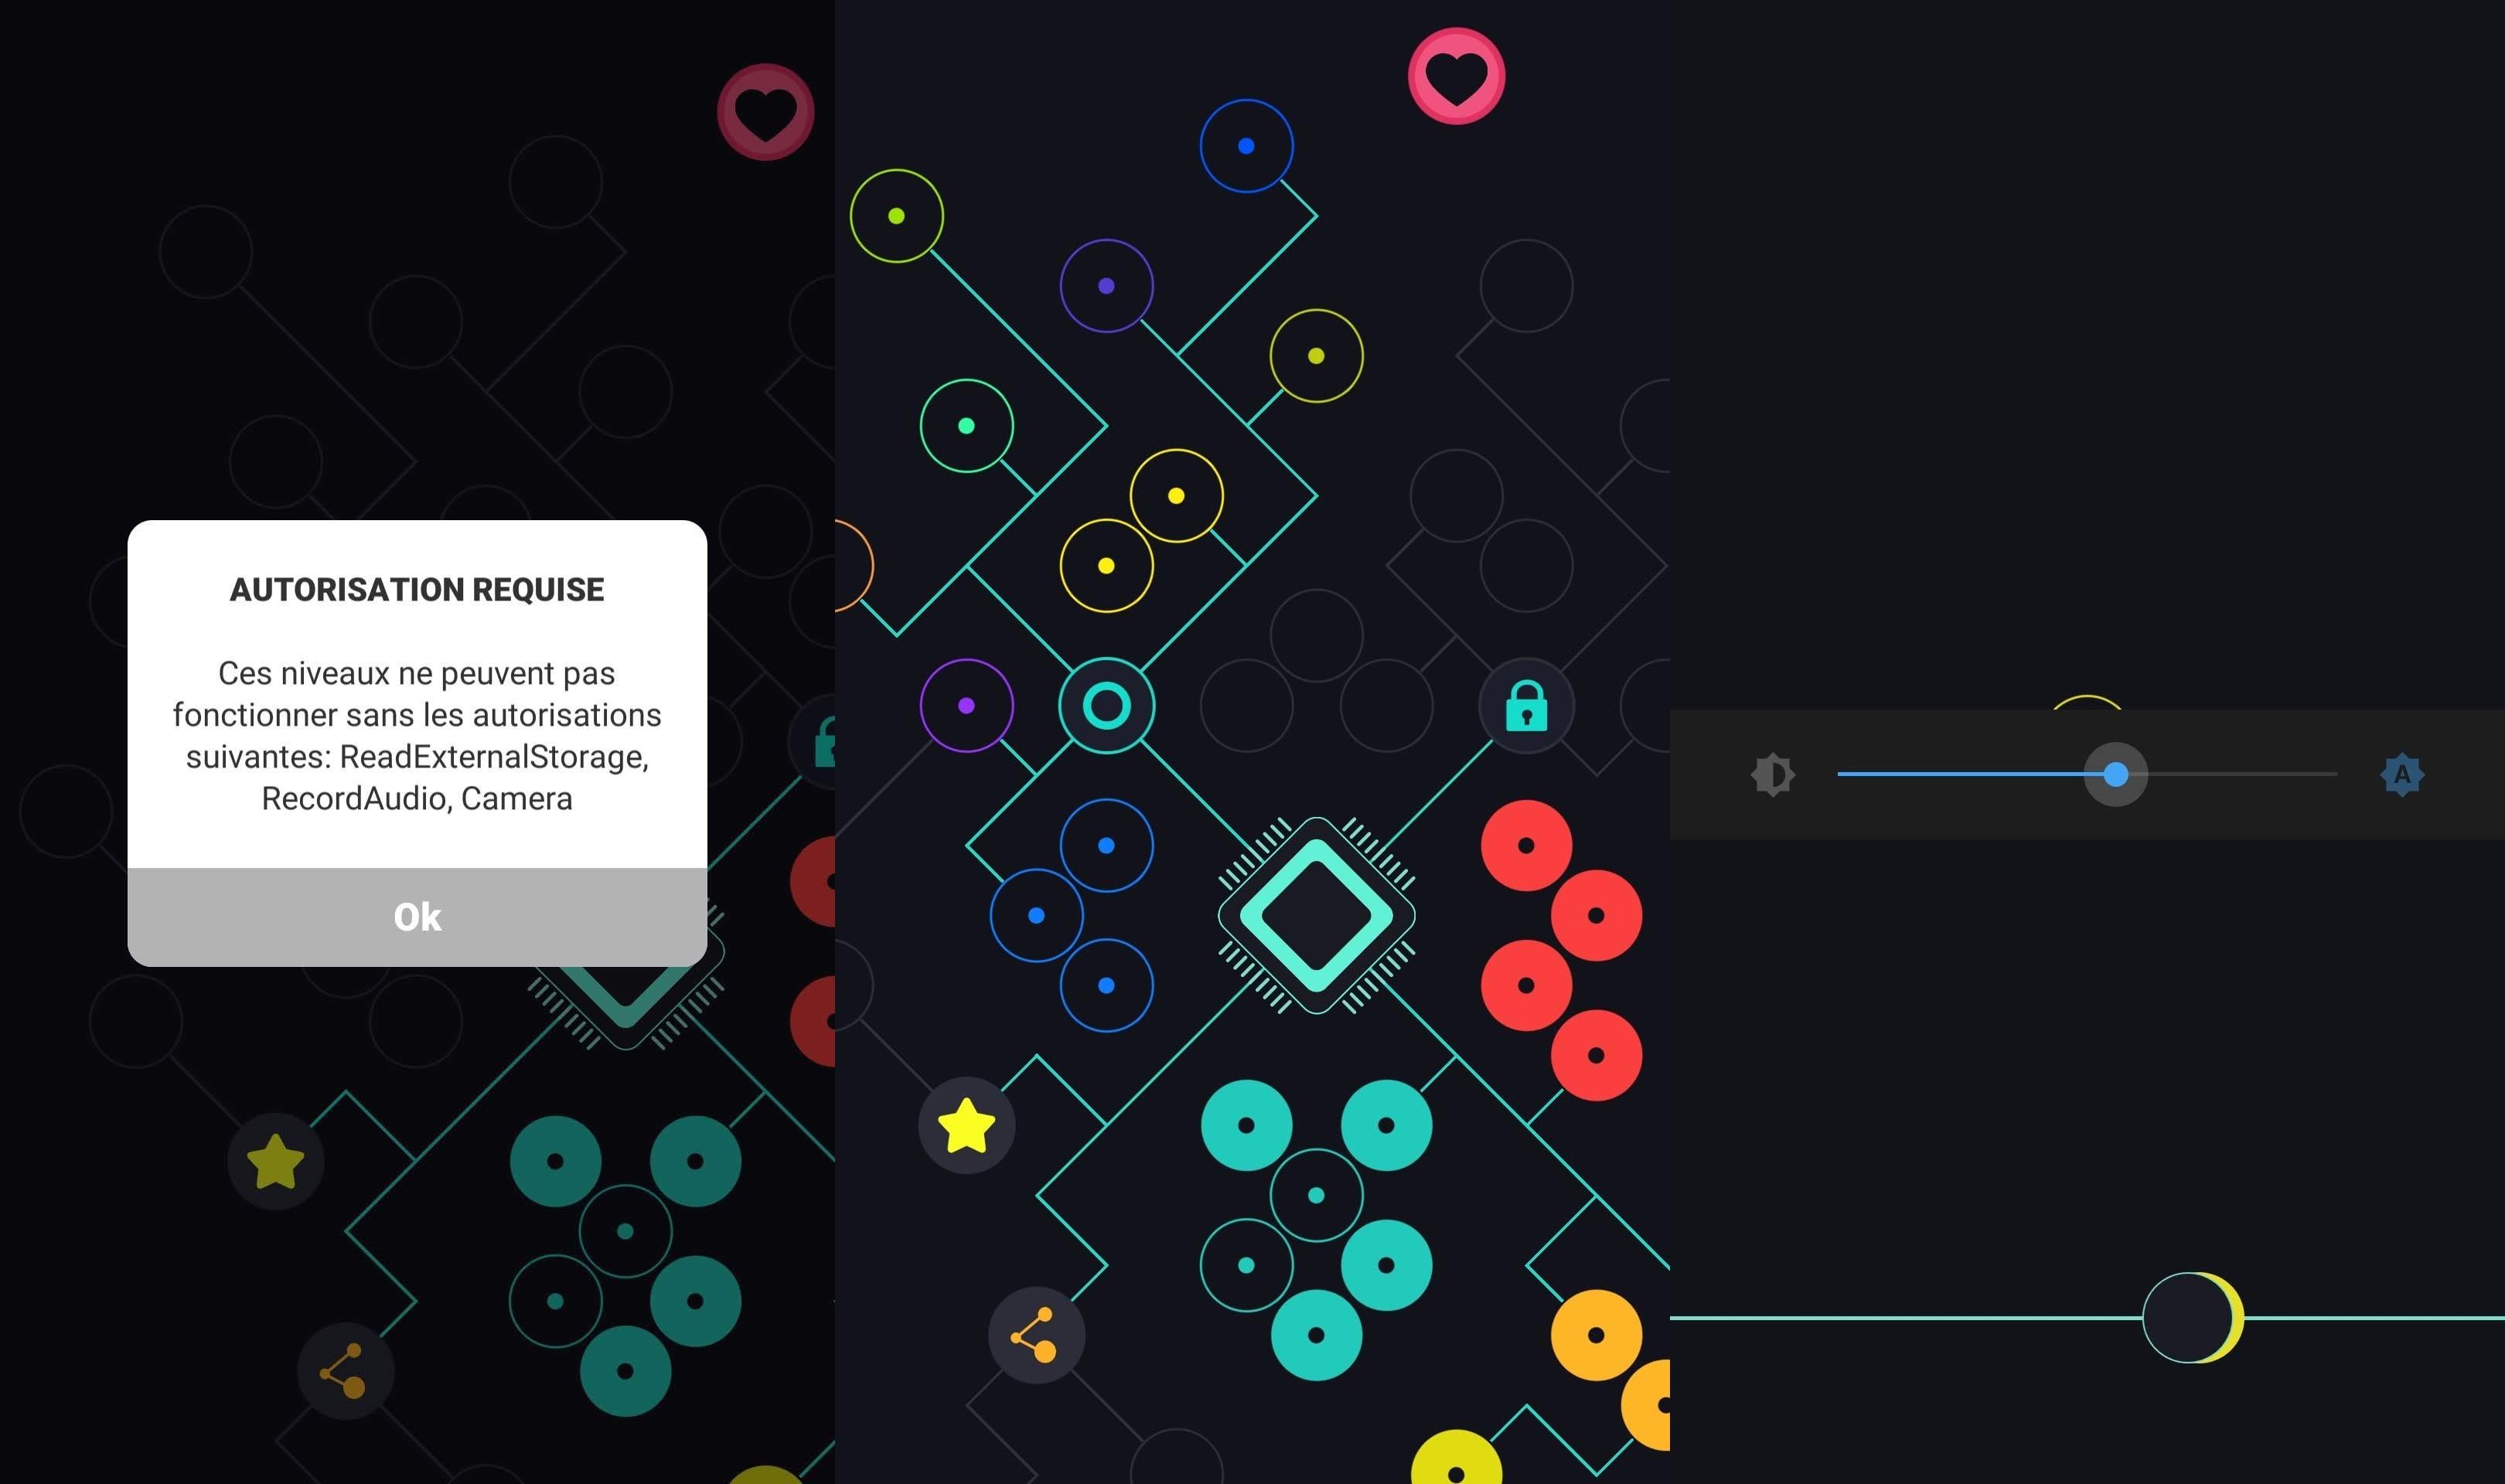 Les Meilleurs Jeux De Réflexion Gratuits Sur Android, Iphone dedans Jeux De Lettres Gratuits